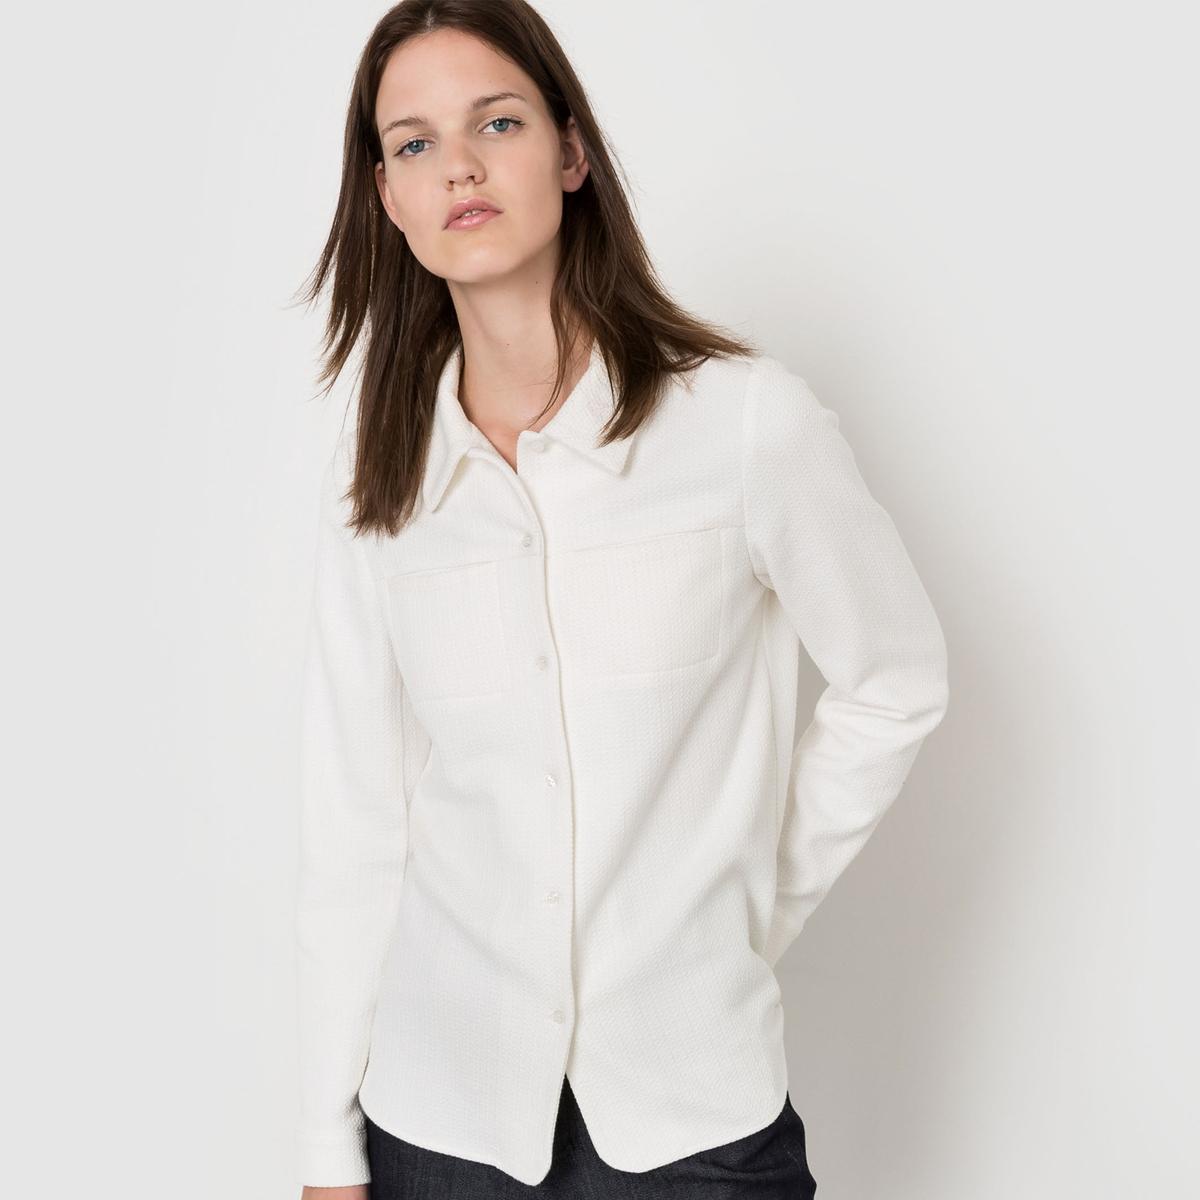 Рубашка с длинными рукавамиРубашка с оригинальными деталями сзади. Застежка на пуговицы по всей длине. Нагрудные карманы . Длинные рукава. Манжеты с застежкой на пуговицы. Рубашка с разрезами по бокам. Состав и описаниеМатериал 72% хлопка, 27% полиэстера, 1% эластанаДлина       100 смМарка ATELIER BARTAVELLEУходМашинная стирка при 30 °C - Не отбеливать - Гладить при низкой температуре - Сухая (химическая) чистка запрещена - Машинная сушка запрещена<br><br>Цвет: хаки,экрю<br>Размер: 44 (FR) - 50 (RUS).40 (FR) - 46 (RUS).38 (FR) - 44 (RUS)